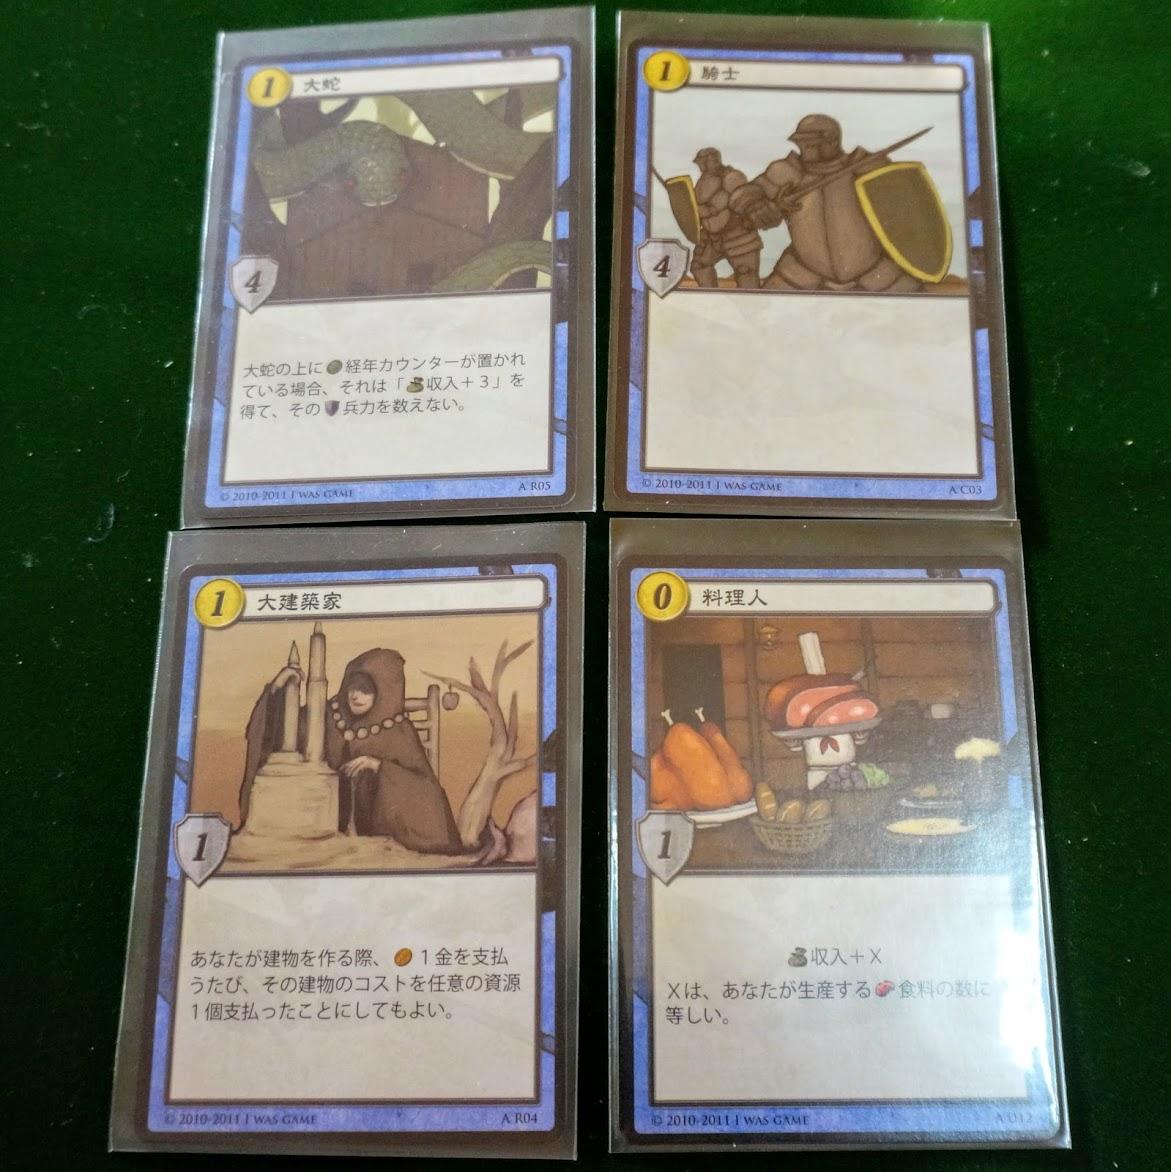 ヴォーパルス:カードの配置